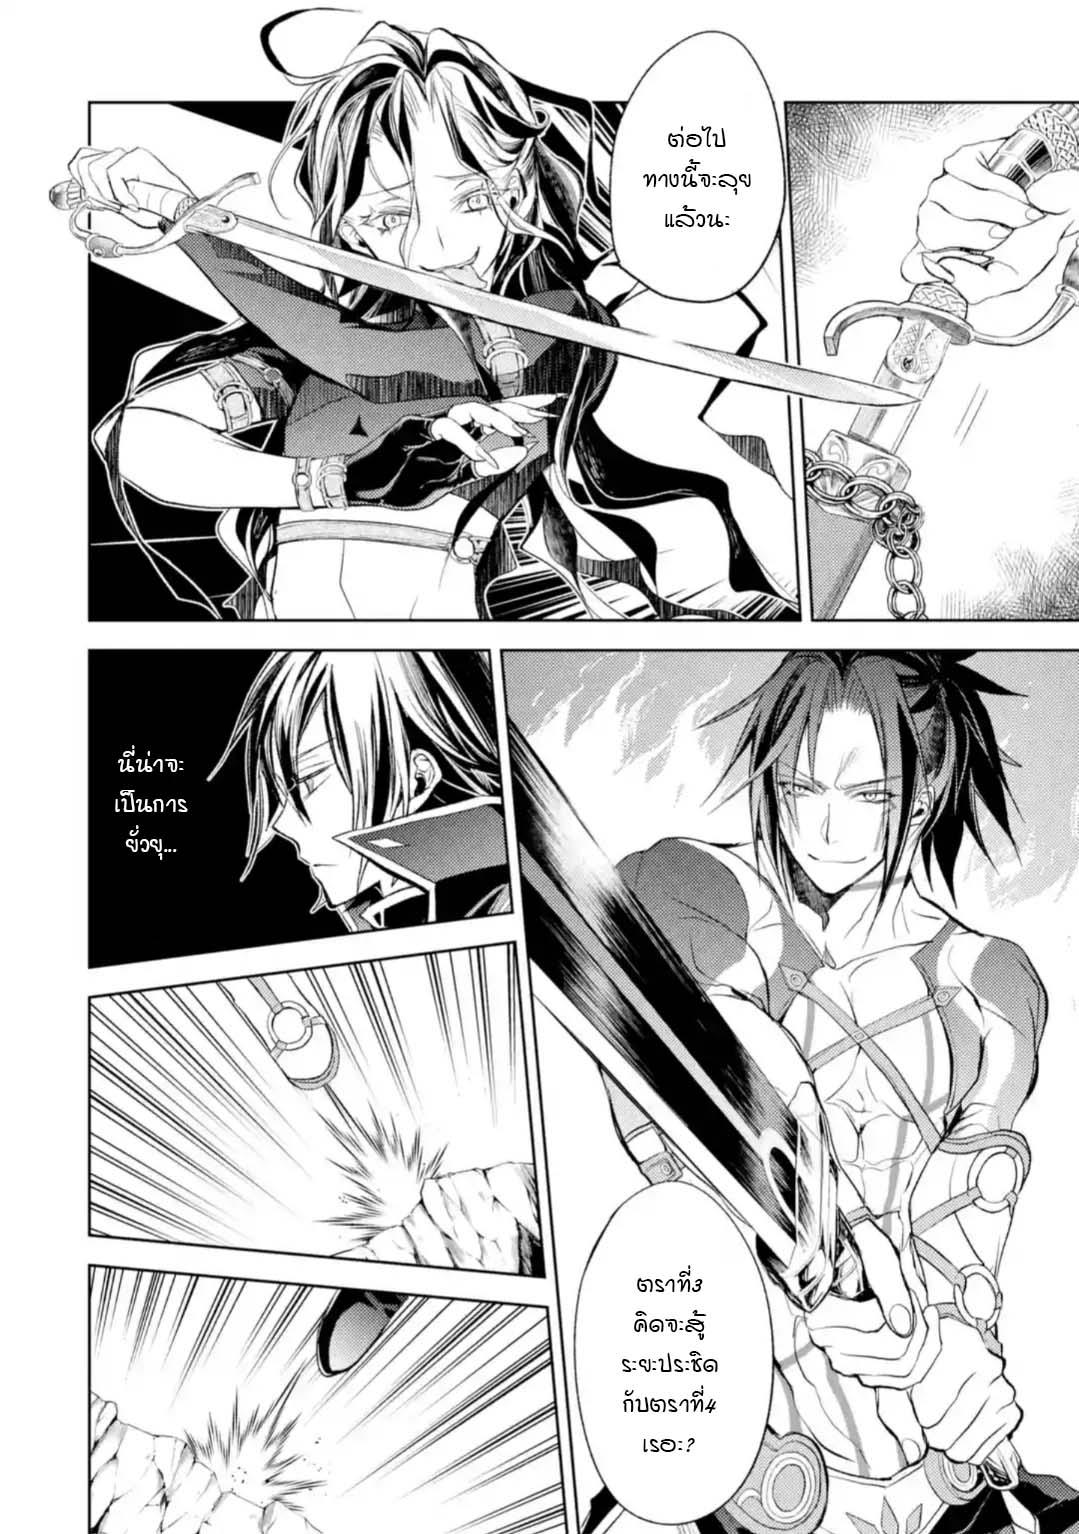 อ่านการ์ตูน Senmetsumadou no Saikyokenja ตอนที่ 8.5 หน้าที่ 9